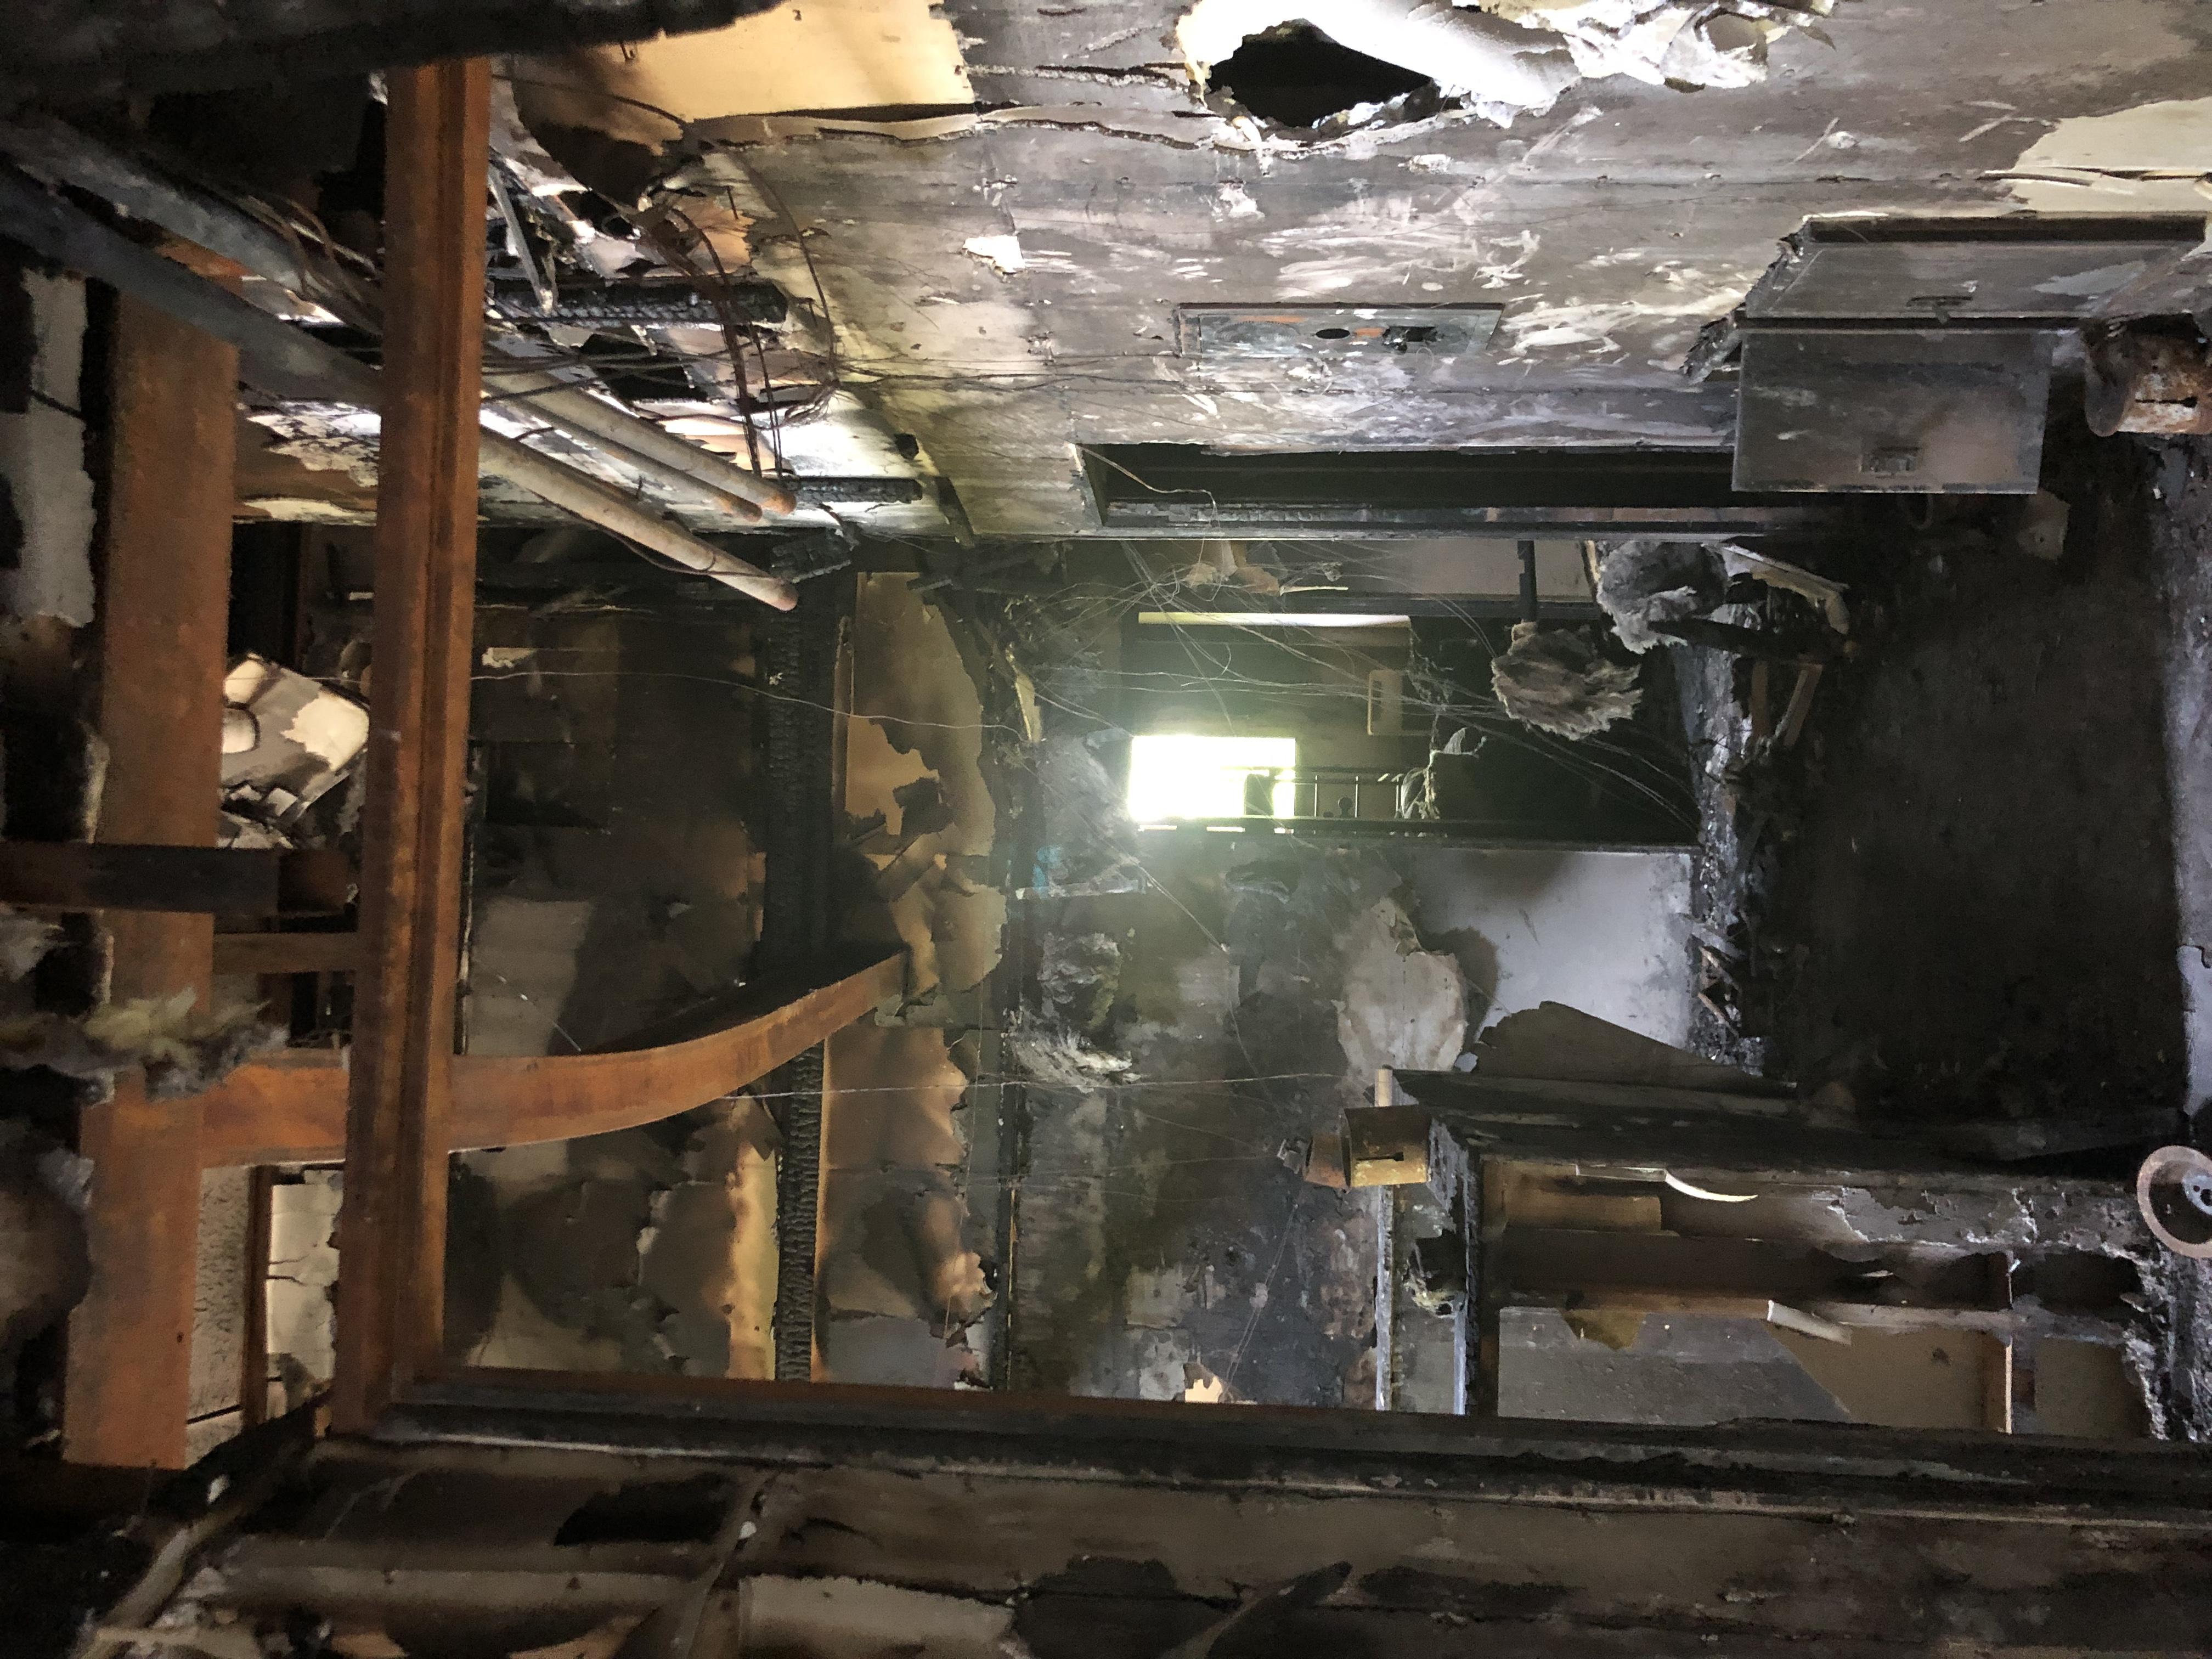 新潟県 火災現場復旧